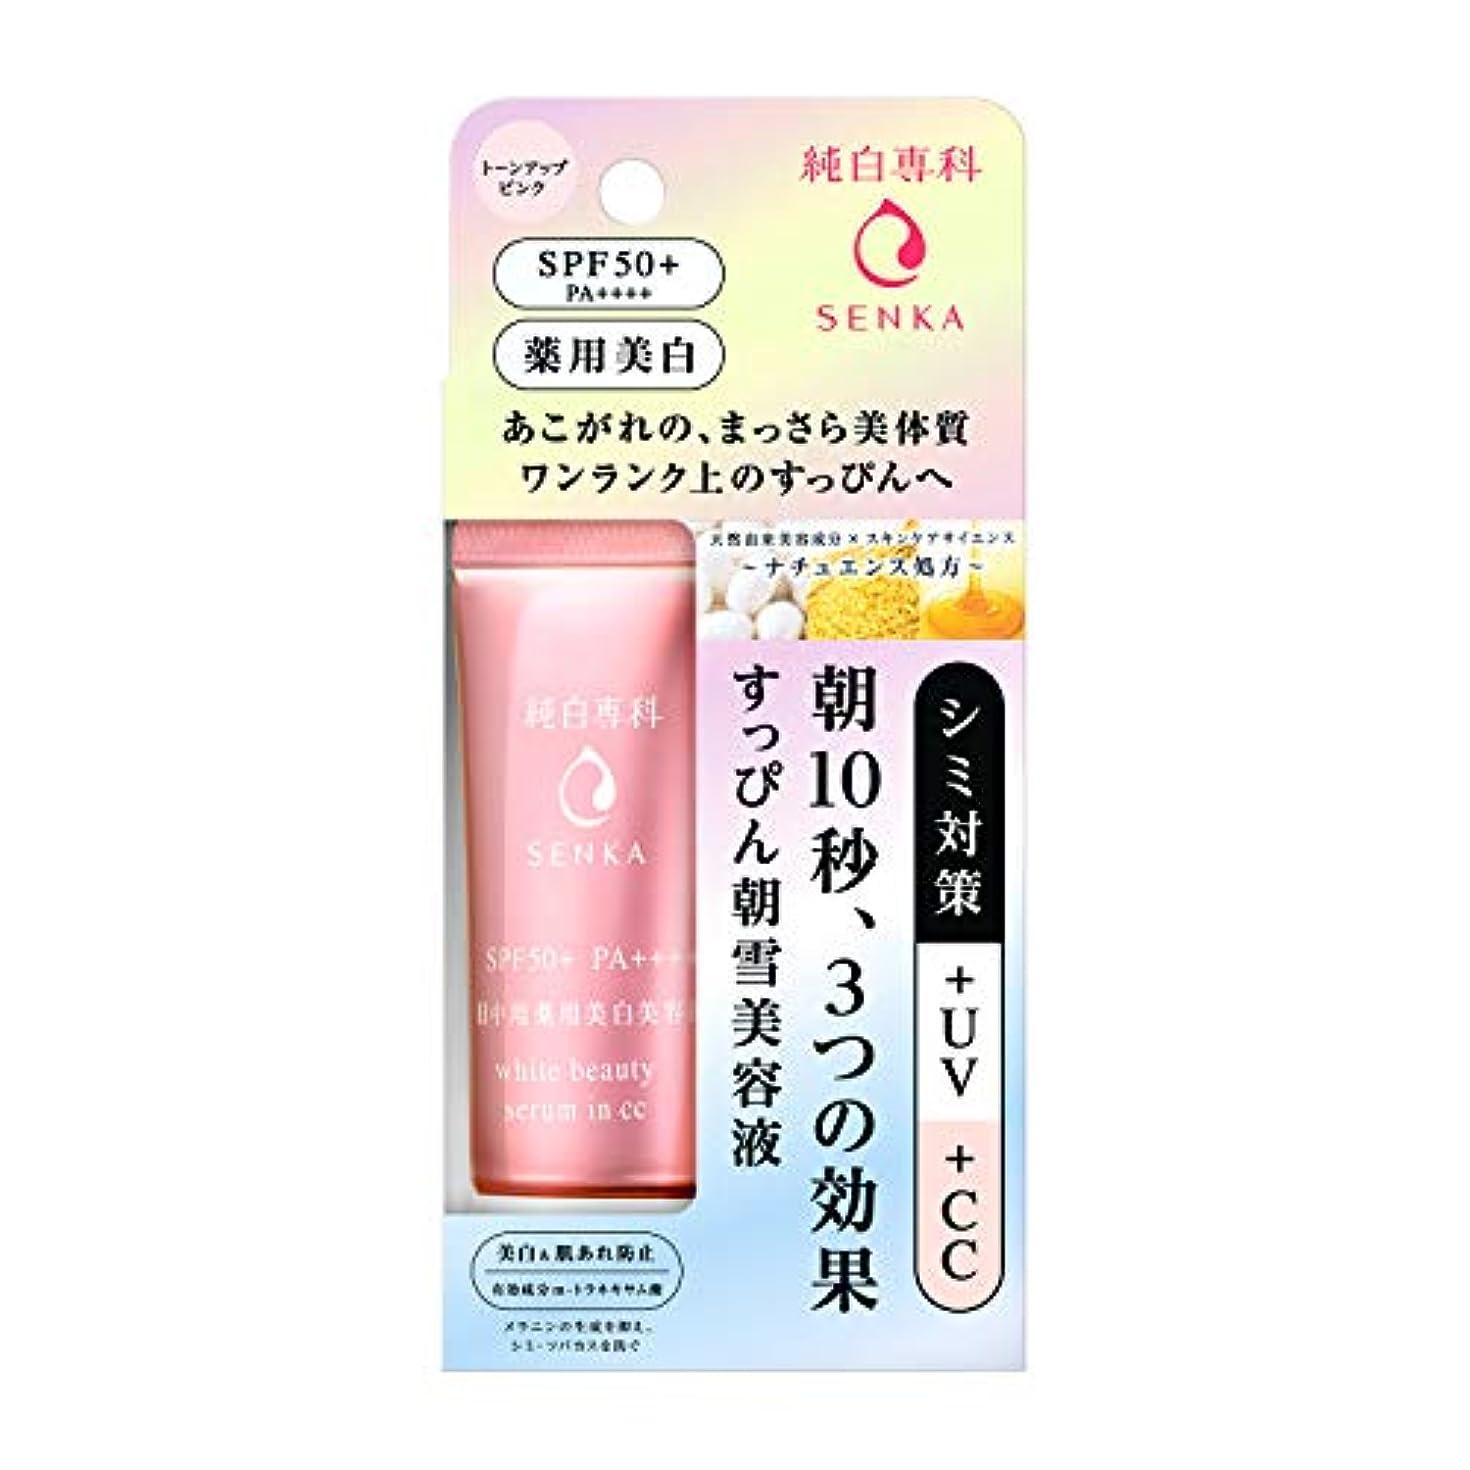 雑多な染色スナック純白専科 すっぴん朝雪美容液 (医薬部外品) 40g